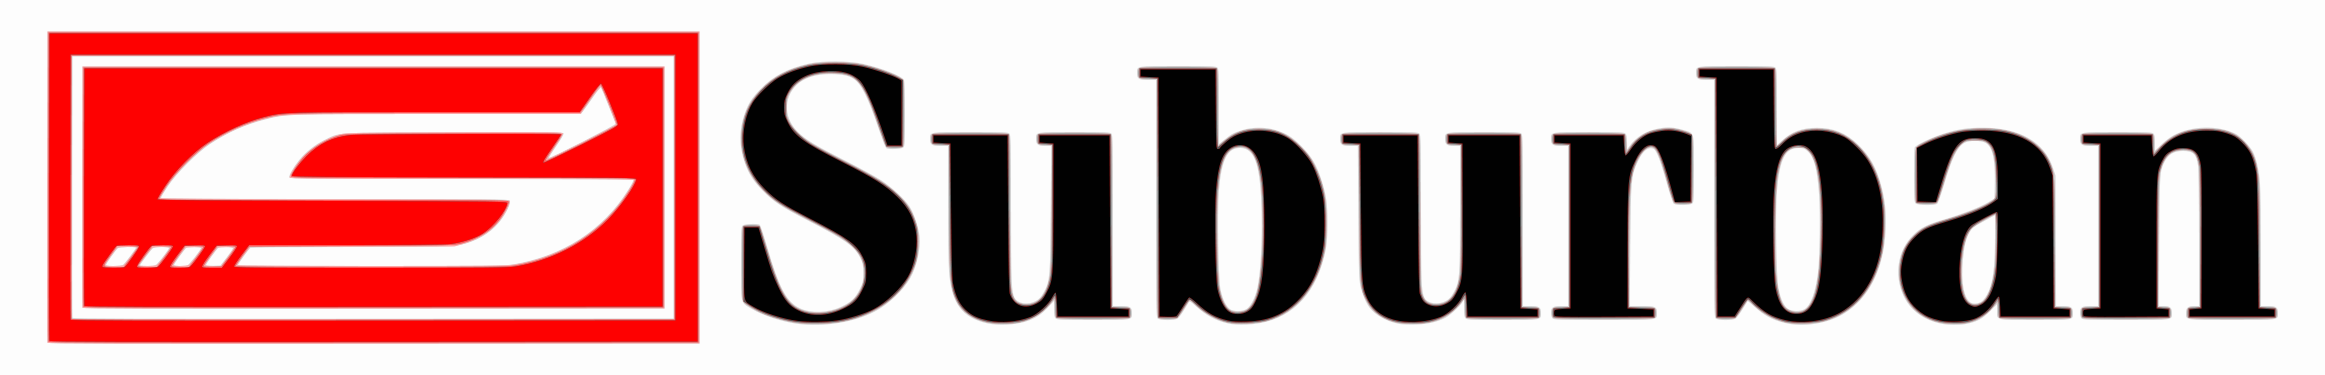 suburbanlogo